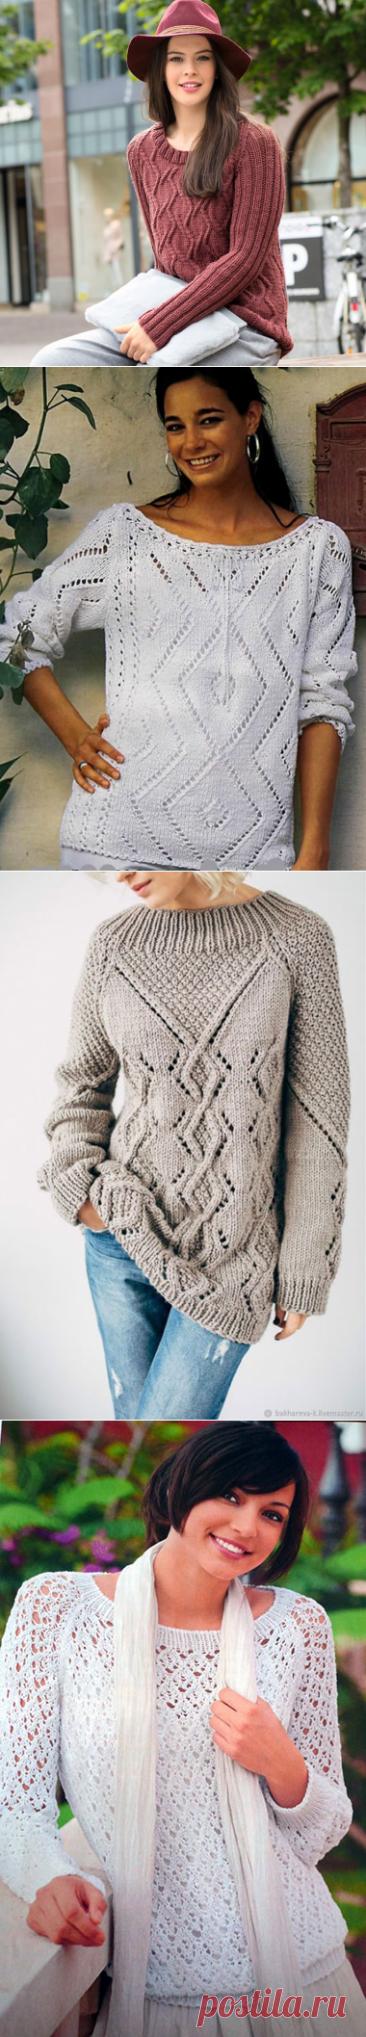 Джемпера и пуловеры реглан с ромбами спицами – 6 моделей со схемами и описанием — Пошивчик одежды